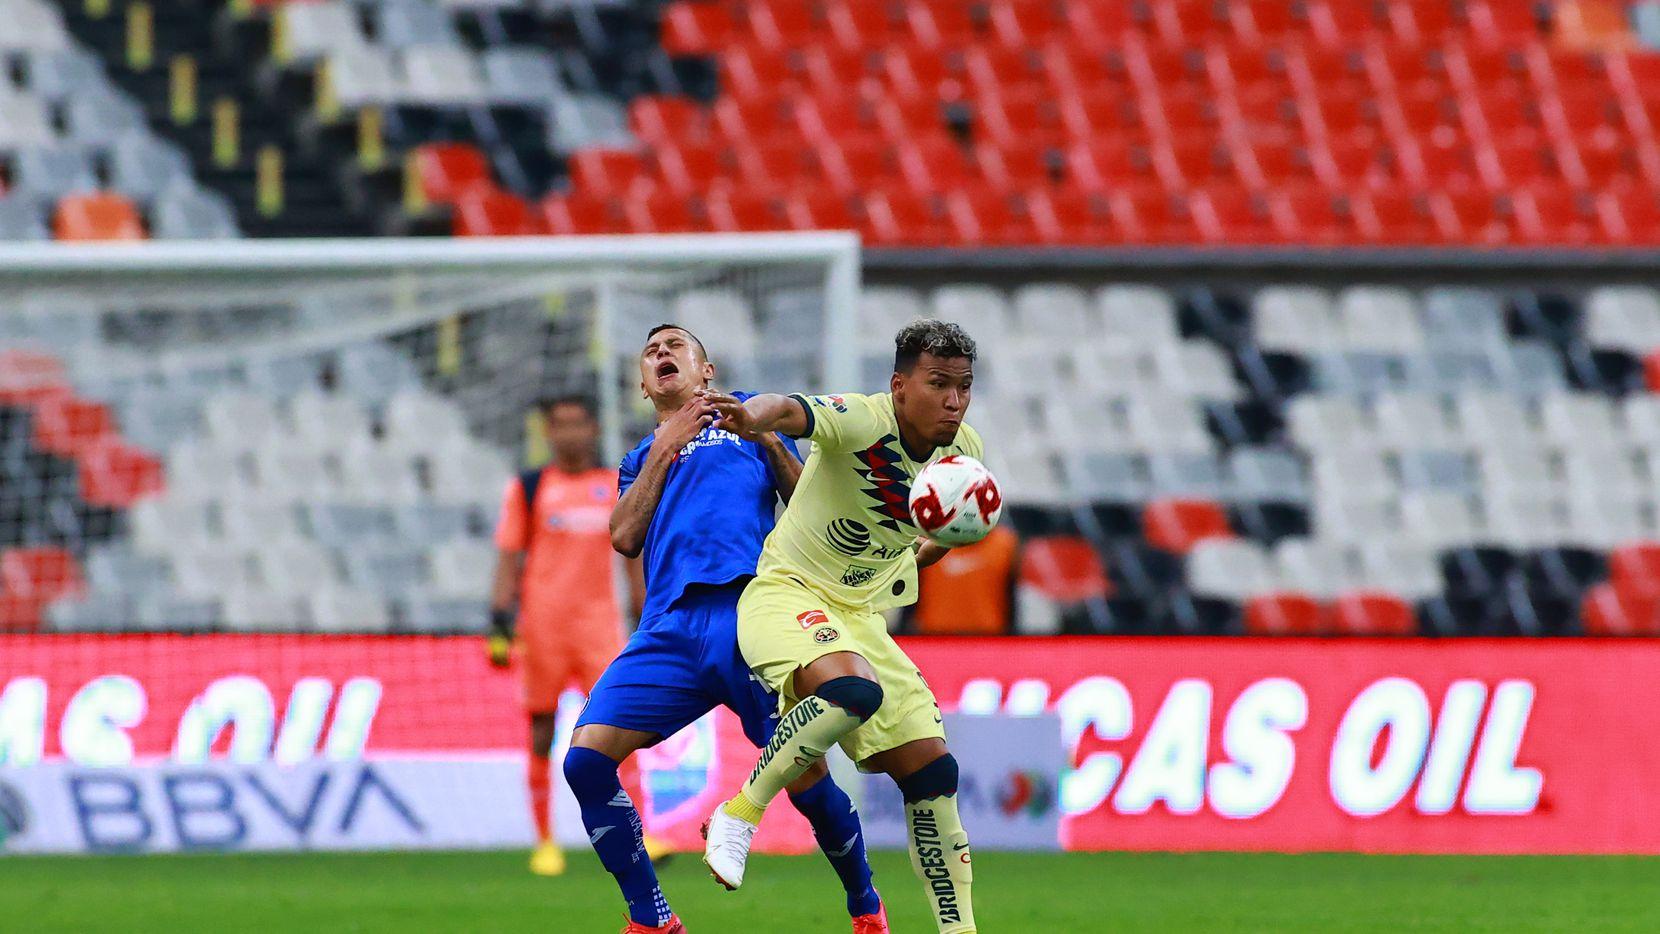 América y Cruza Azul jugaron el último partido de la Liga MX el 15 de marzo en el Estadio Azteca antes de que el Torneo Clausura 2020 fuera detenido por la pandemia de coronavirus.